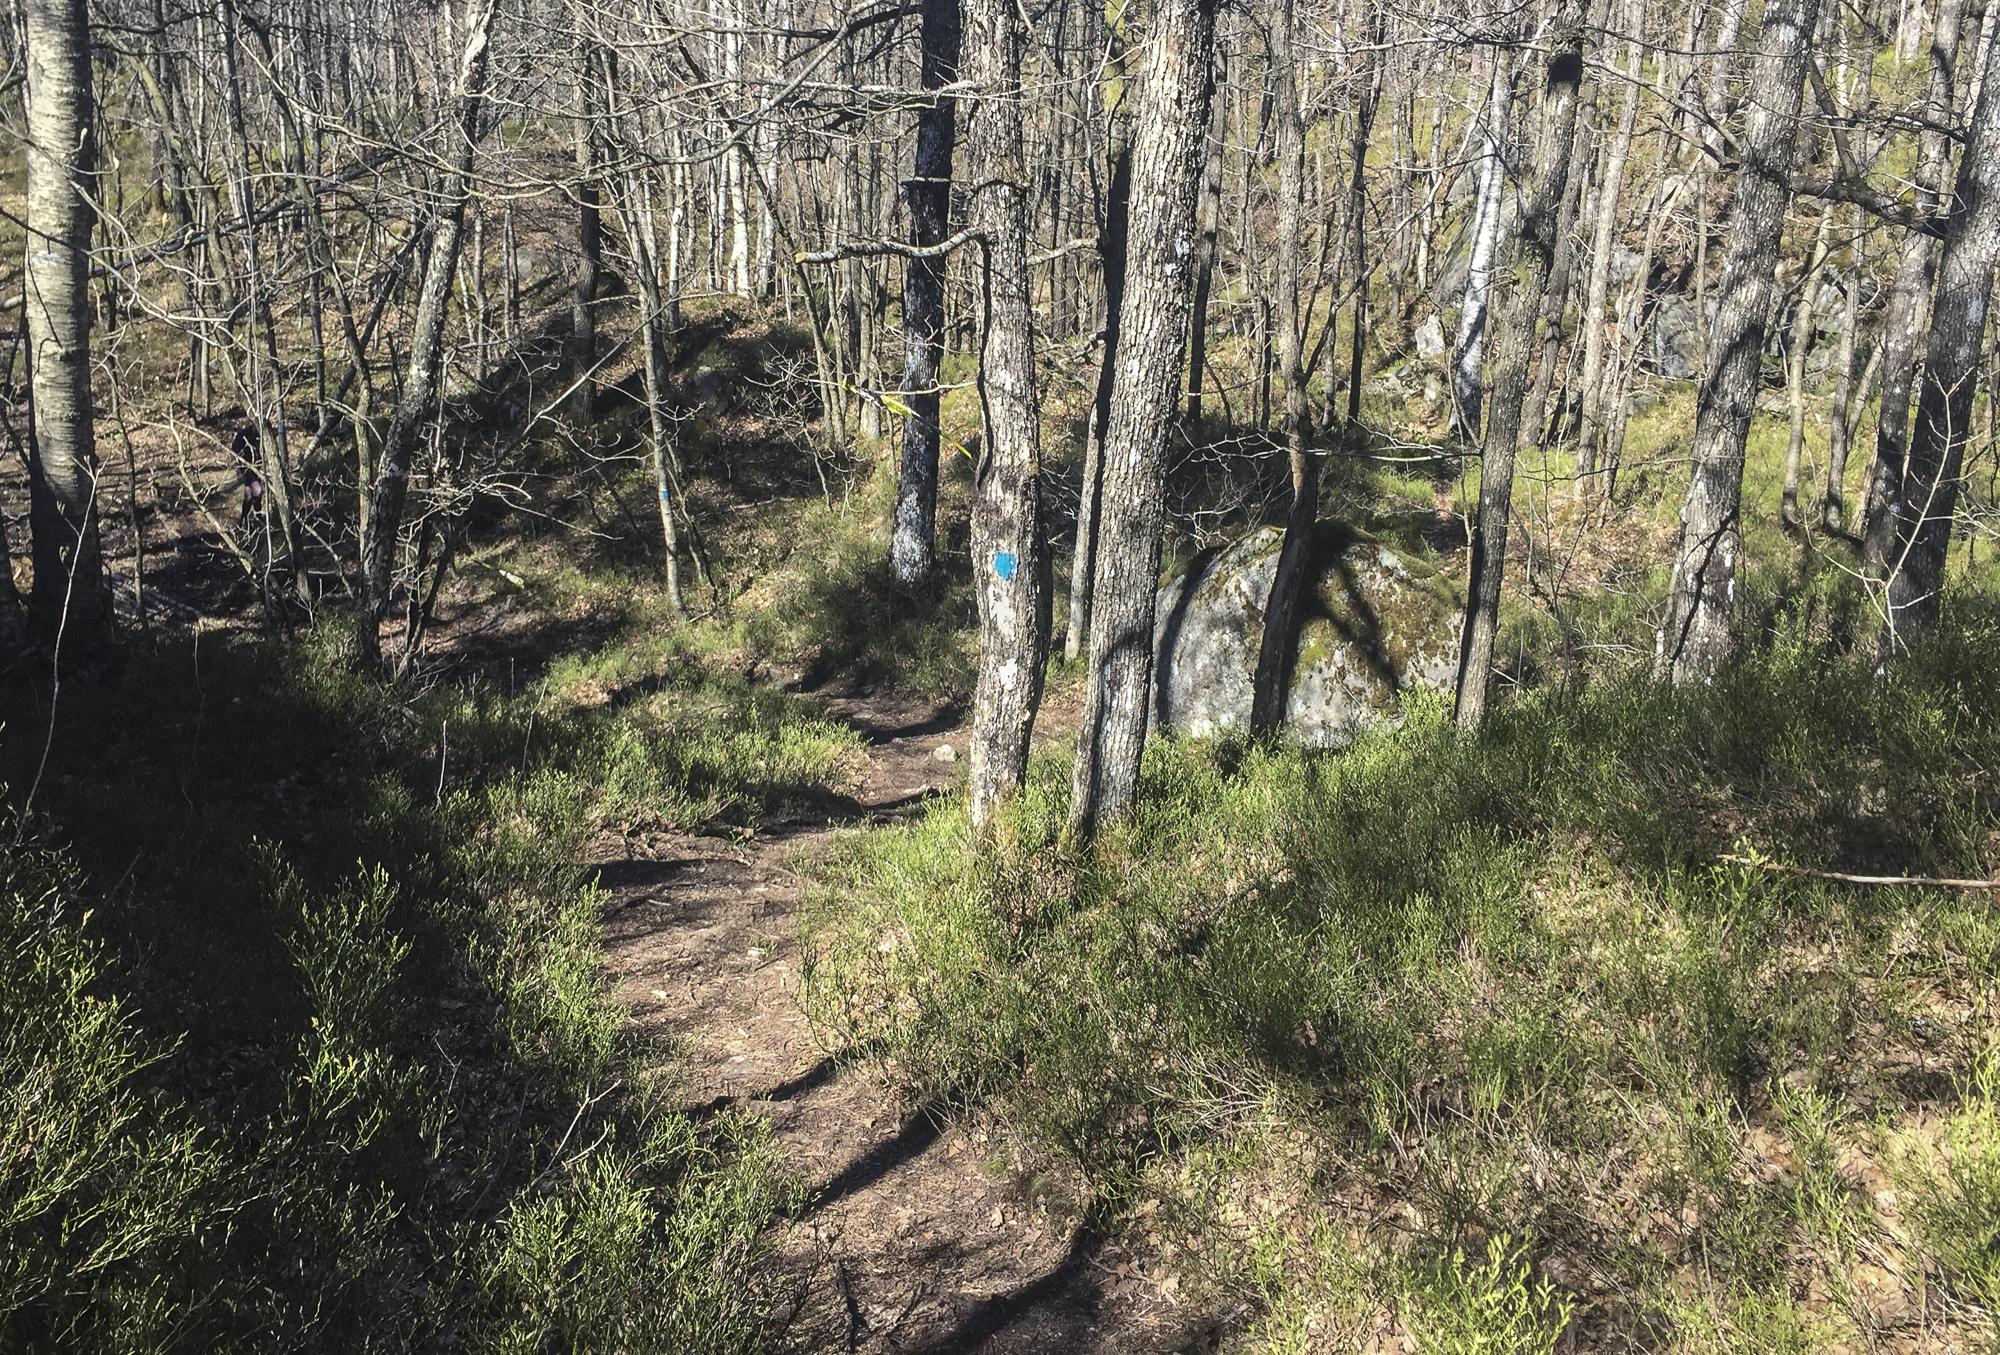 Sjekk den fine stien. Her hadde det vært gøy å løpe.